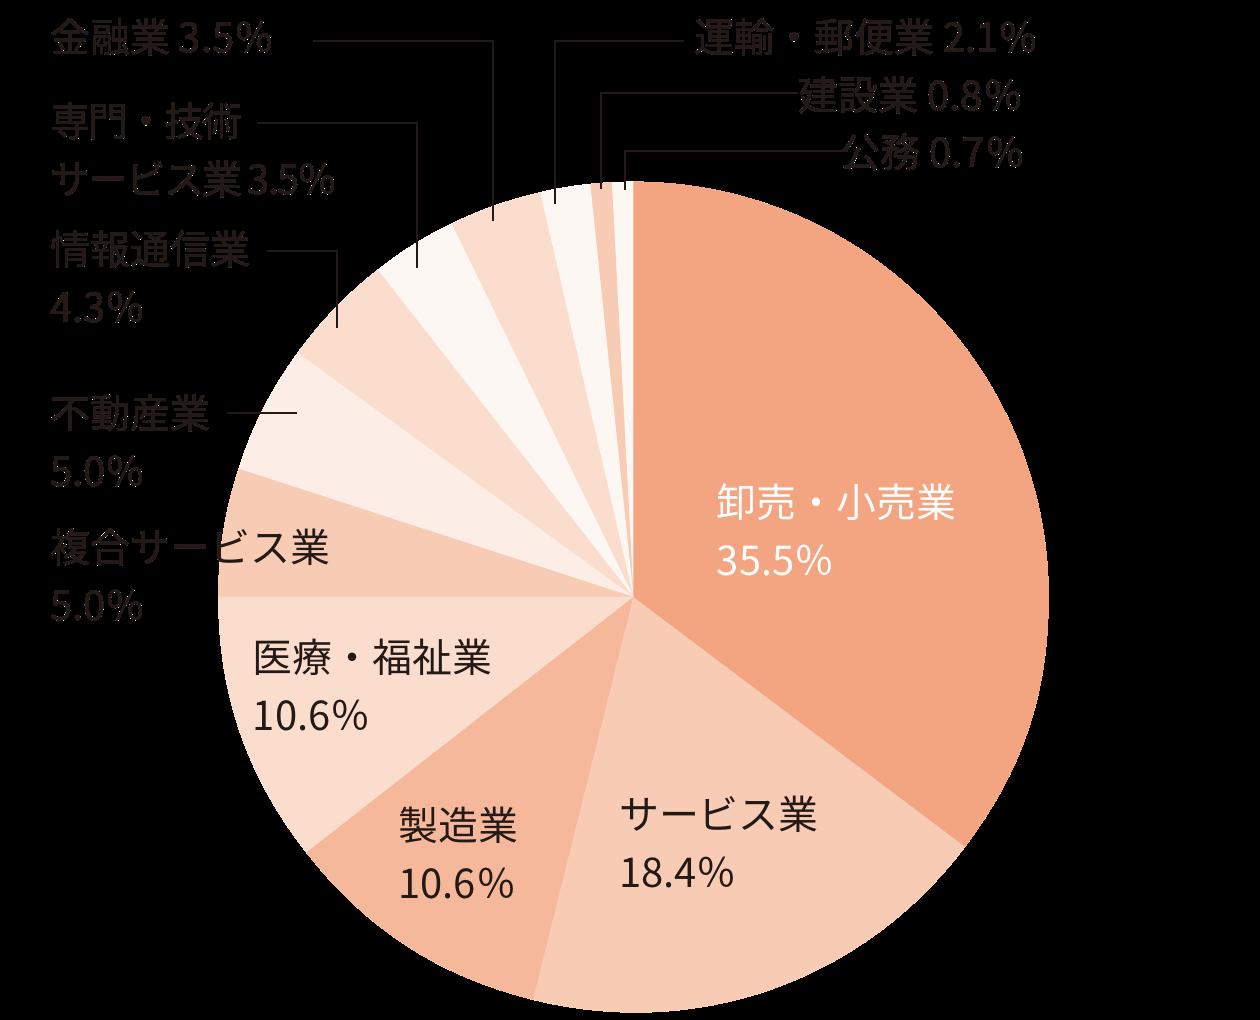 就職内定者の業種別構成比率